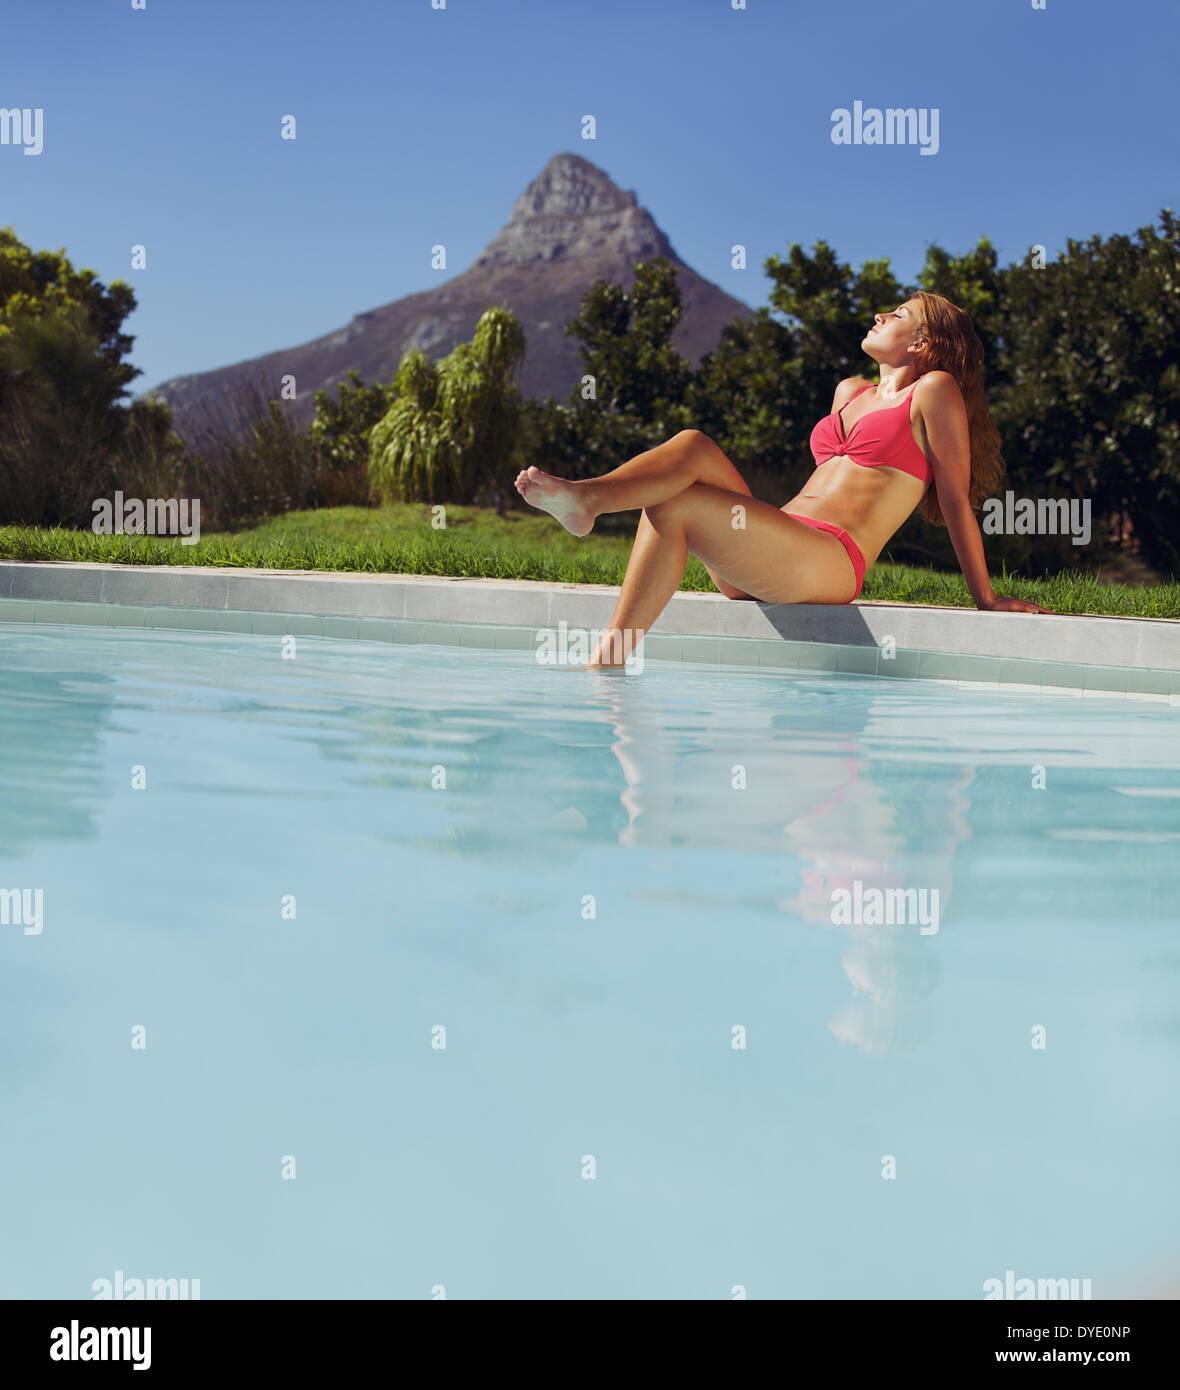 Bella giovane donna seduta dalla piscina e godersi il sole. Caucasian modello femminile in bikini a prendere il sole in piscina. Immagini Stock